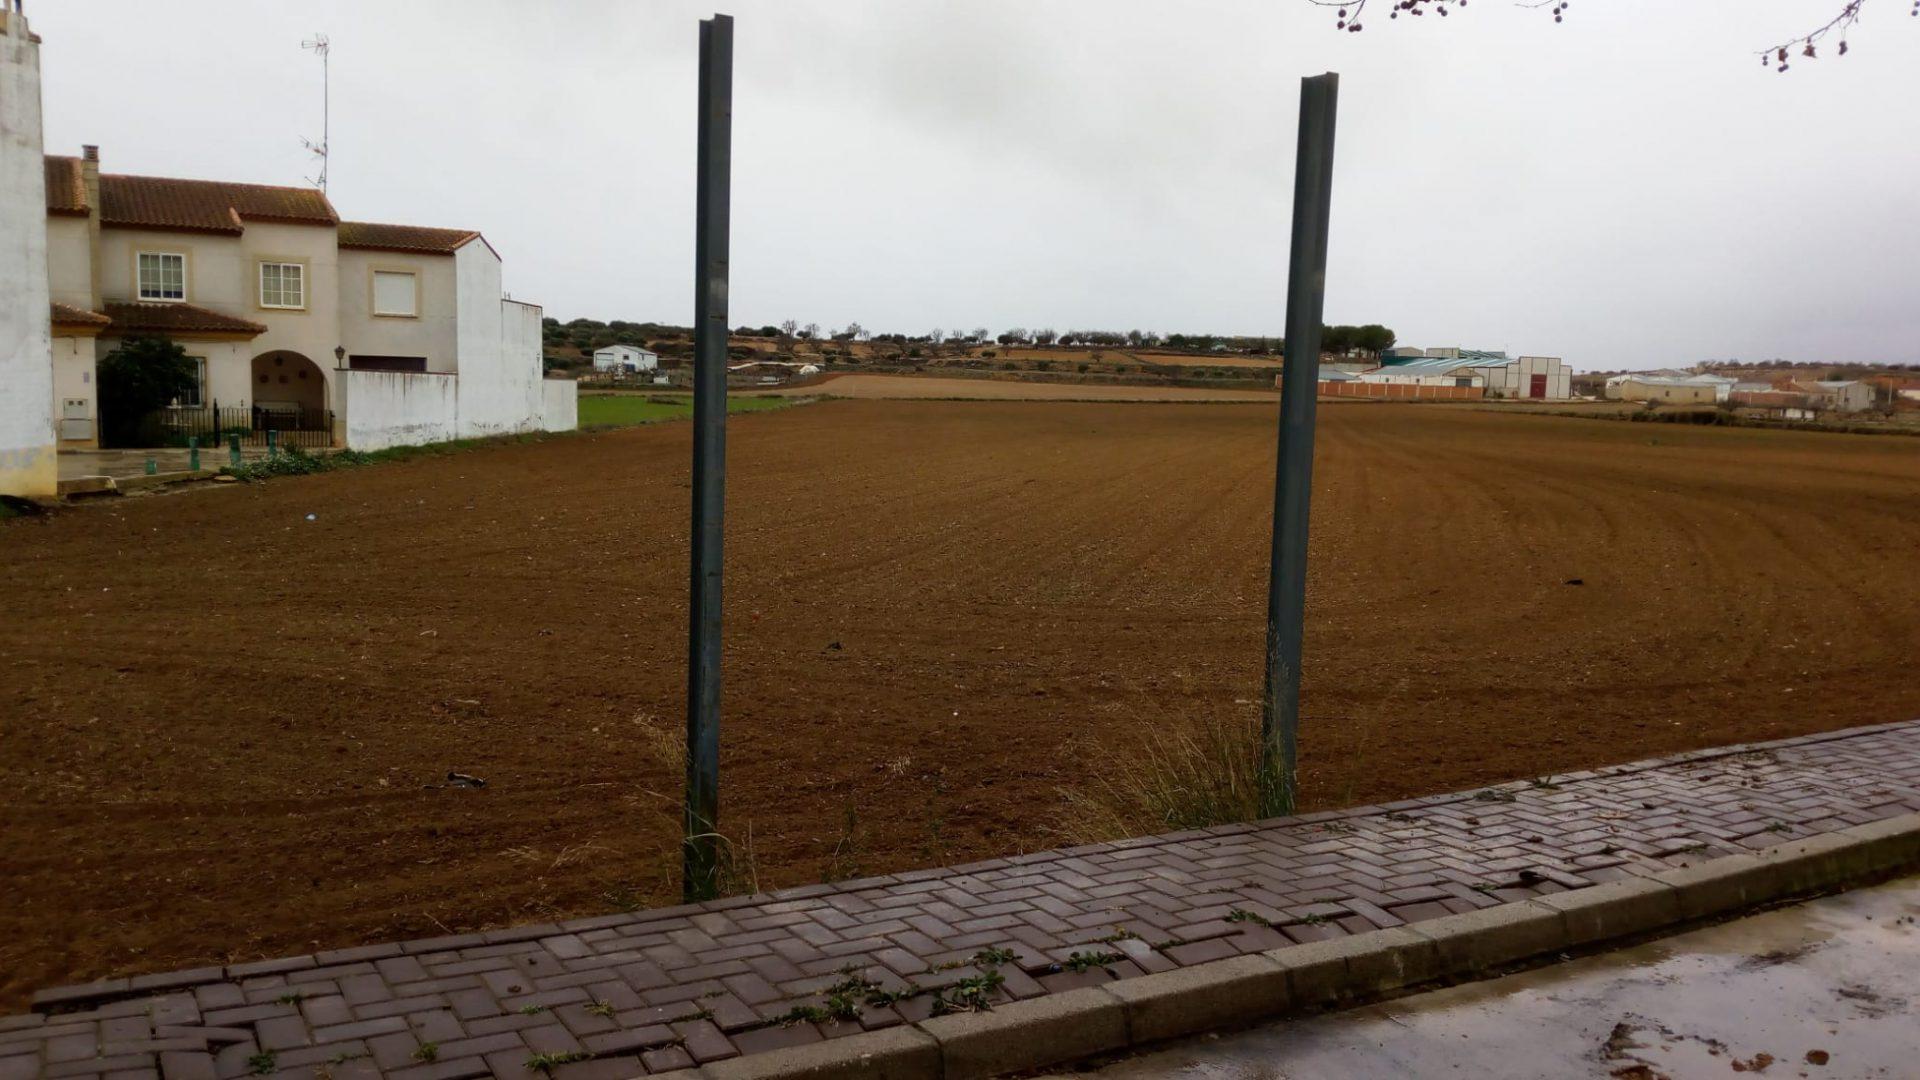 EL AYUNTAMIENTO DE INIESTA COMPRA LOS TERRENOS DONDE SE CONSTRUIRÁ EL CENTRO DE DÍA